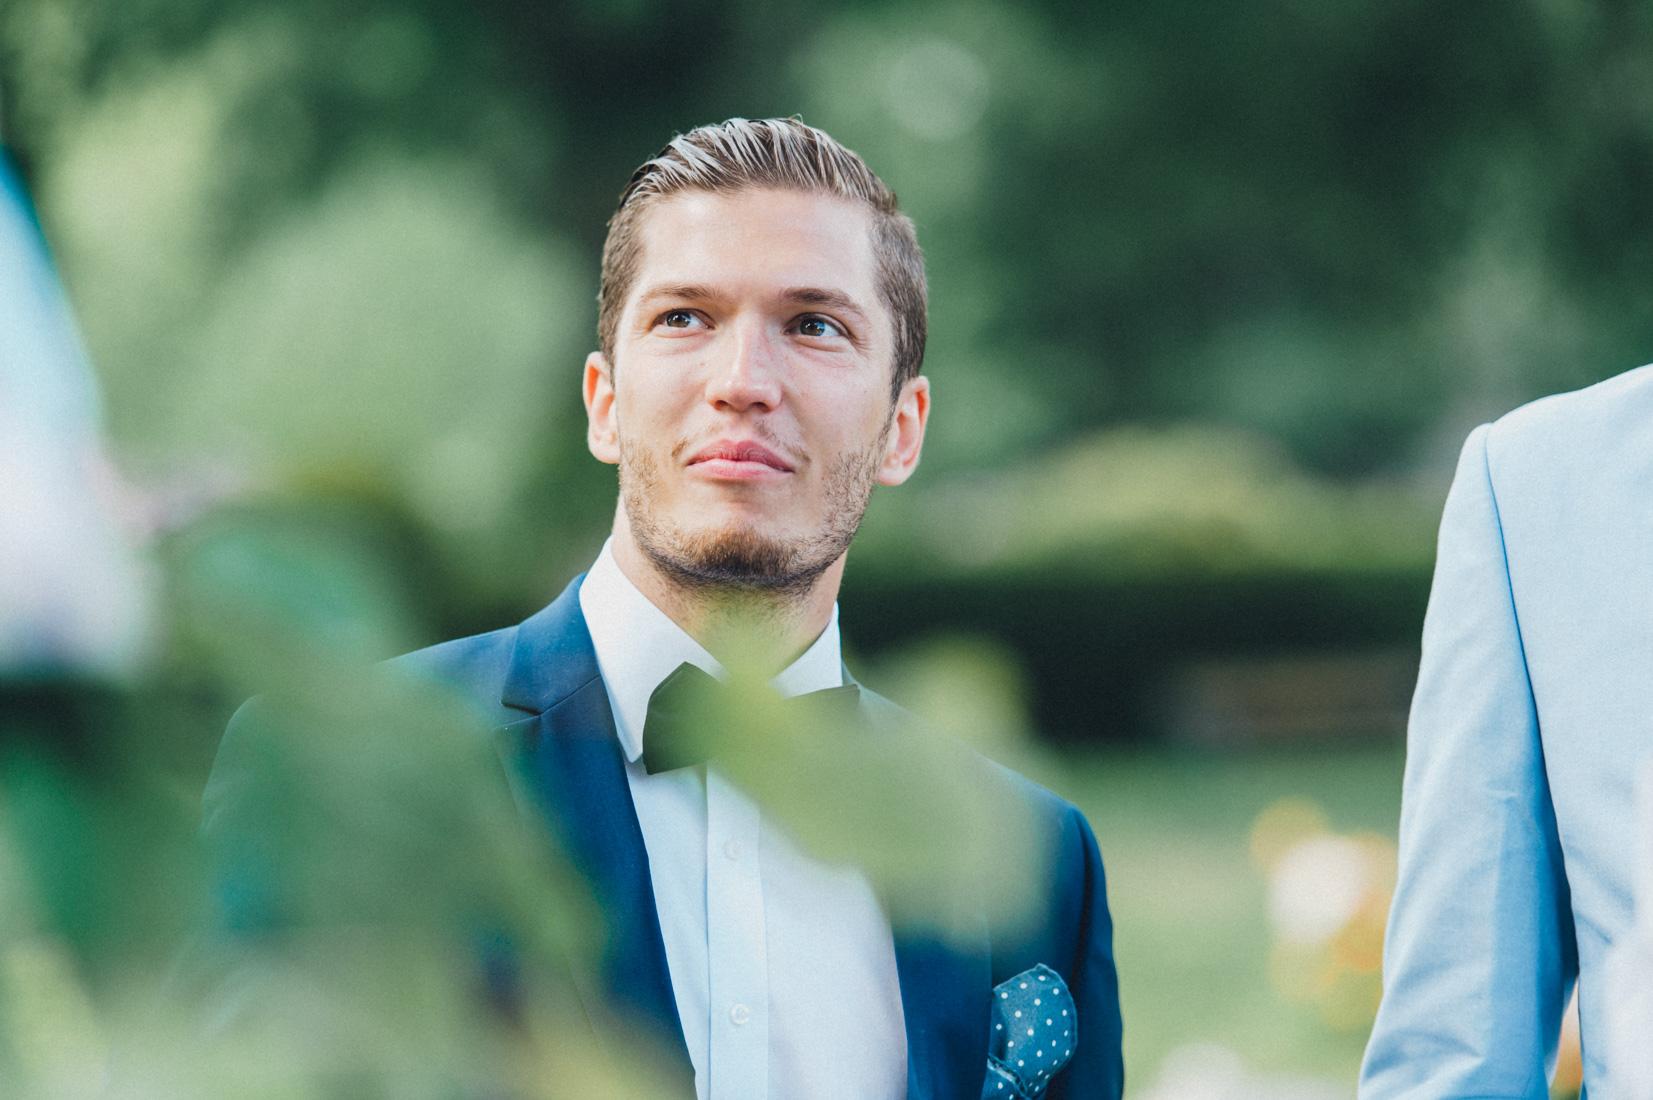 pastel-vintage-hertefeld-81 hochzeitsfotograf schloss hertefeldGalina & Robert DIY Pastel Vintage Hochzeit auf Schloss Hertefeldpastel vintage hertefeld 81